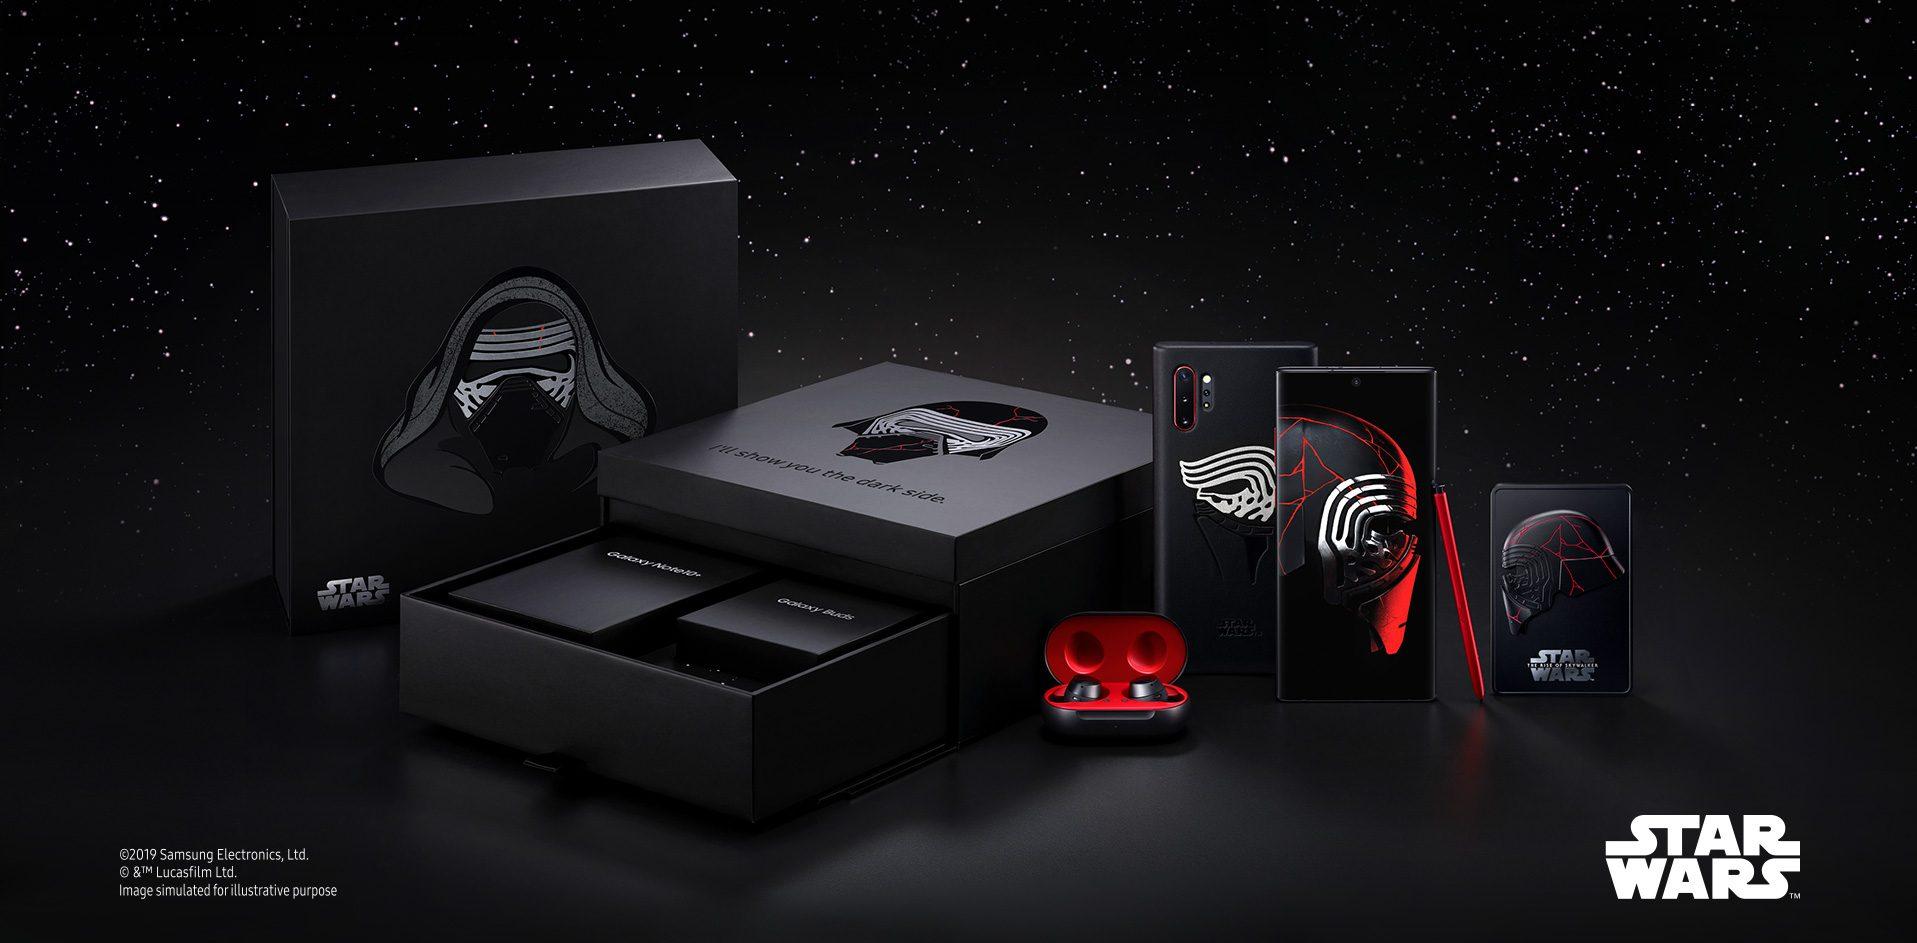 Samsung Galaxy Note 10+ Star Wars Special Edition - może i lepiej, że nie będzie go w Polsce